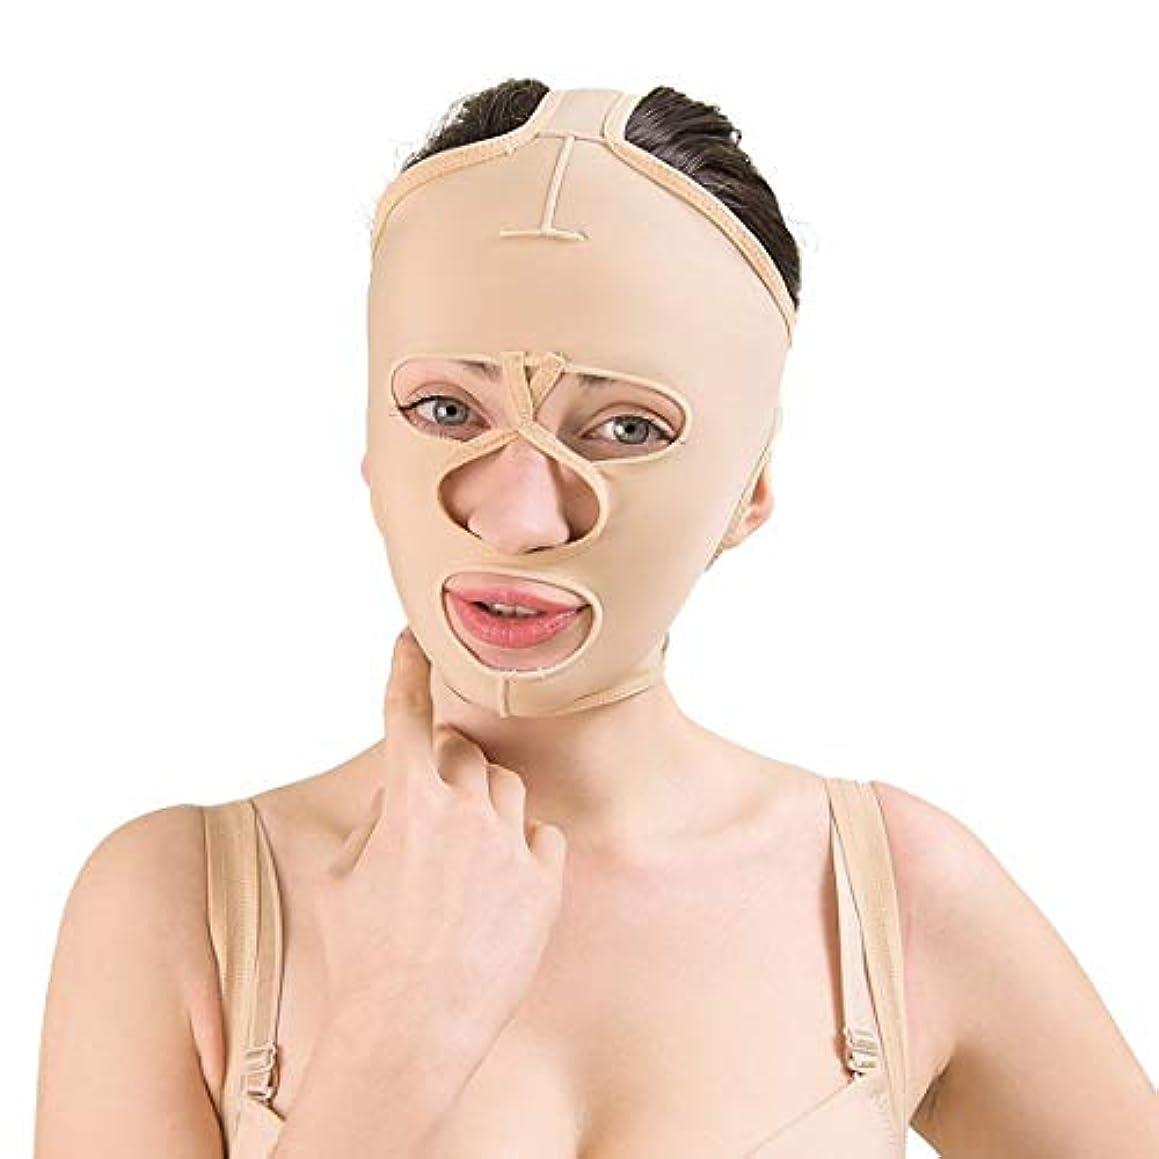 きしむ前件レンチZWBD フェイスマスク, フェイスリフト包帯医療弾性スリーブ顔面下顎形成外科術後圧縮下顎スリーブ補助修復マスクしわを削除する (Size : S)